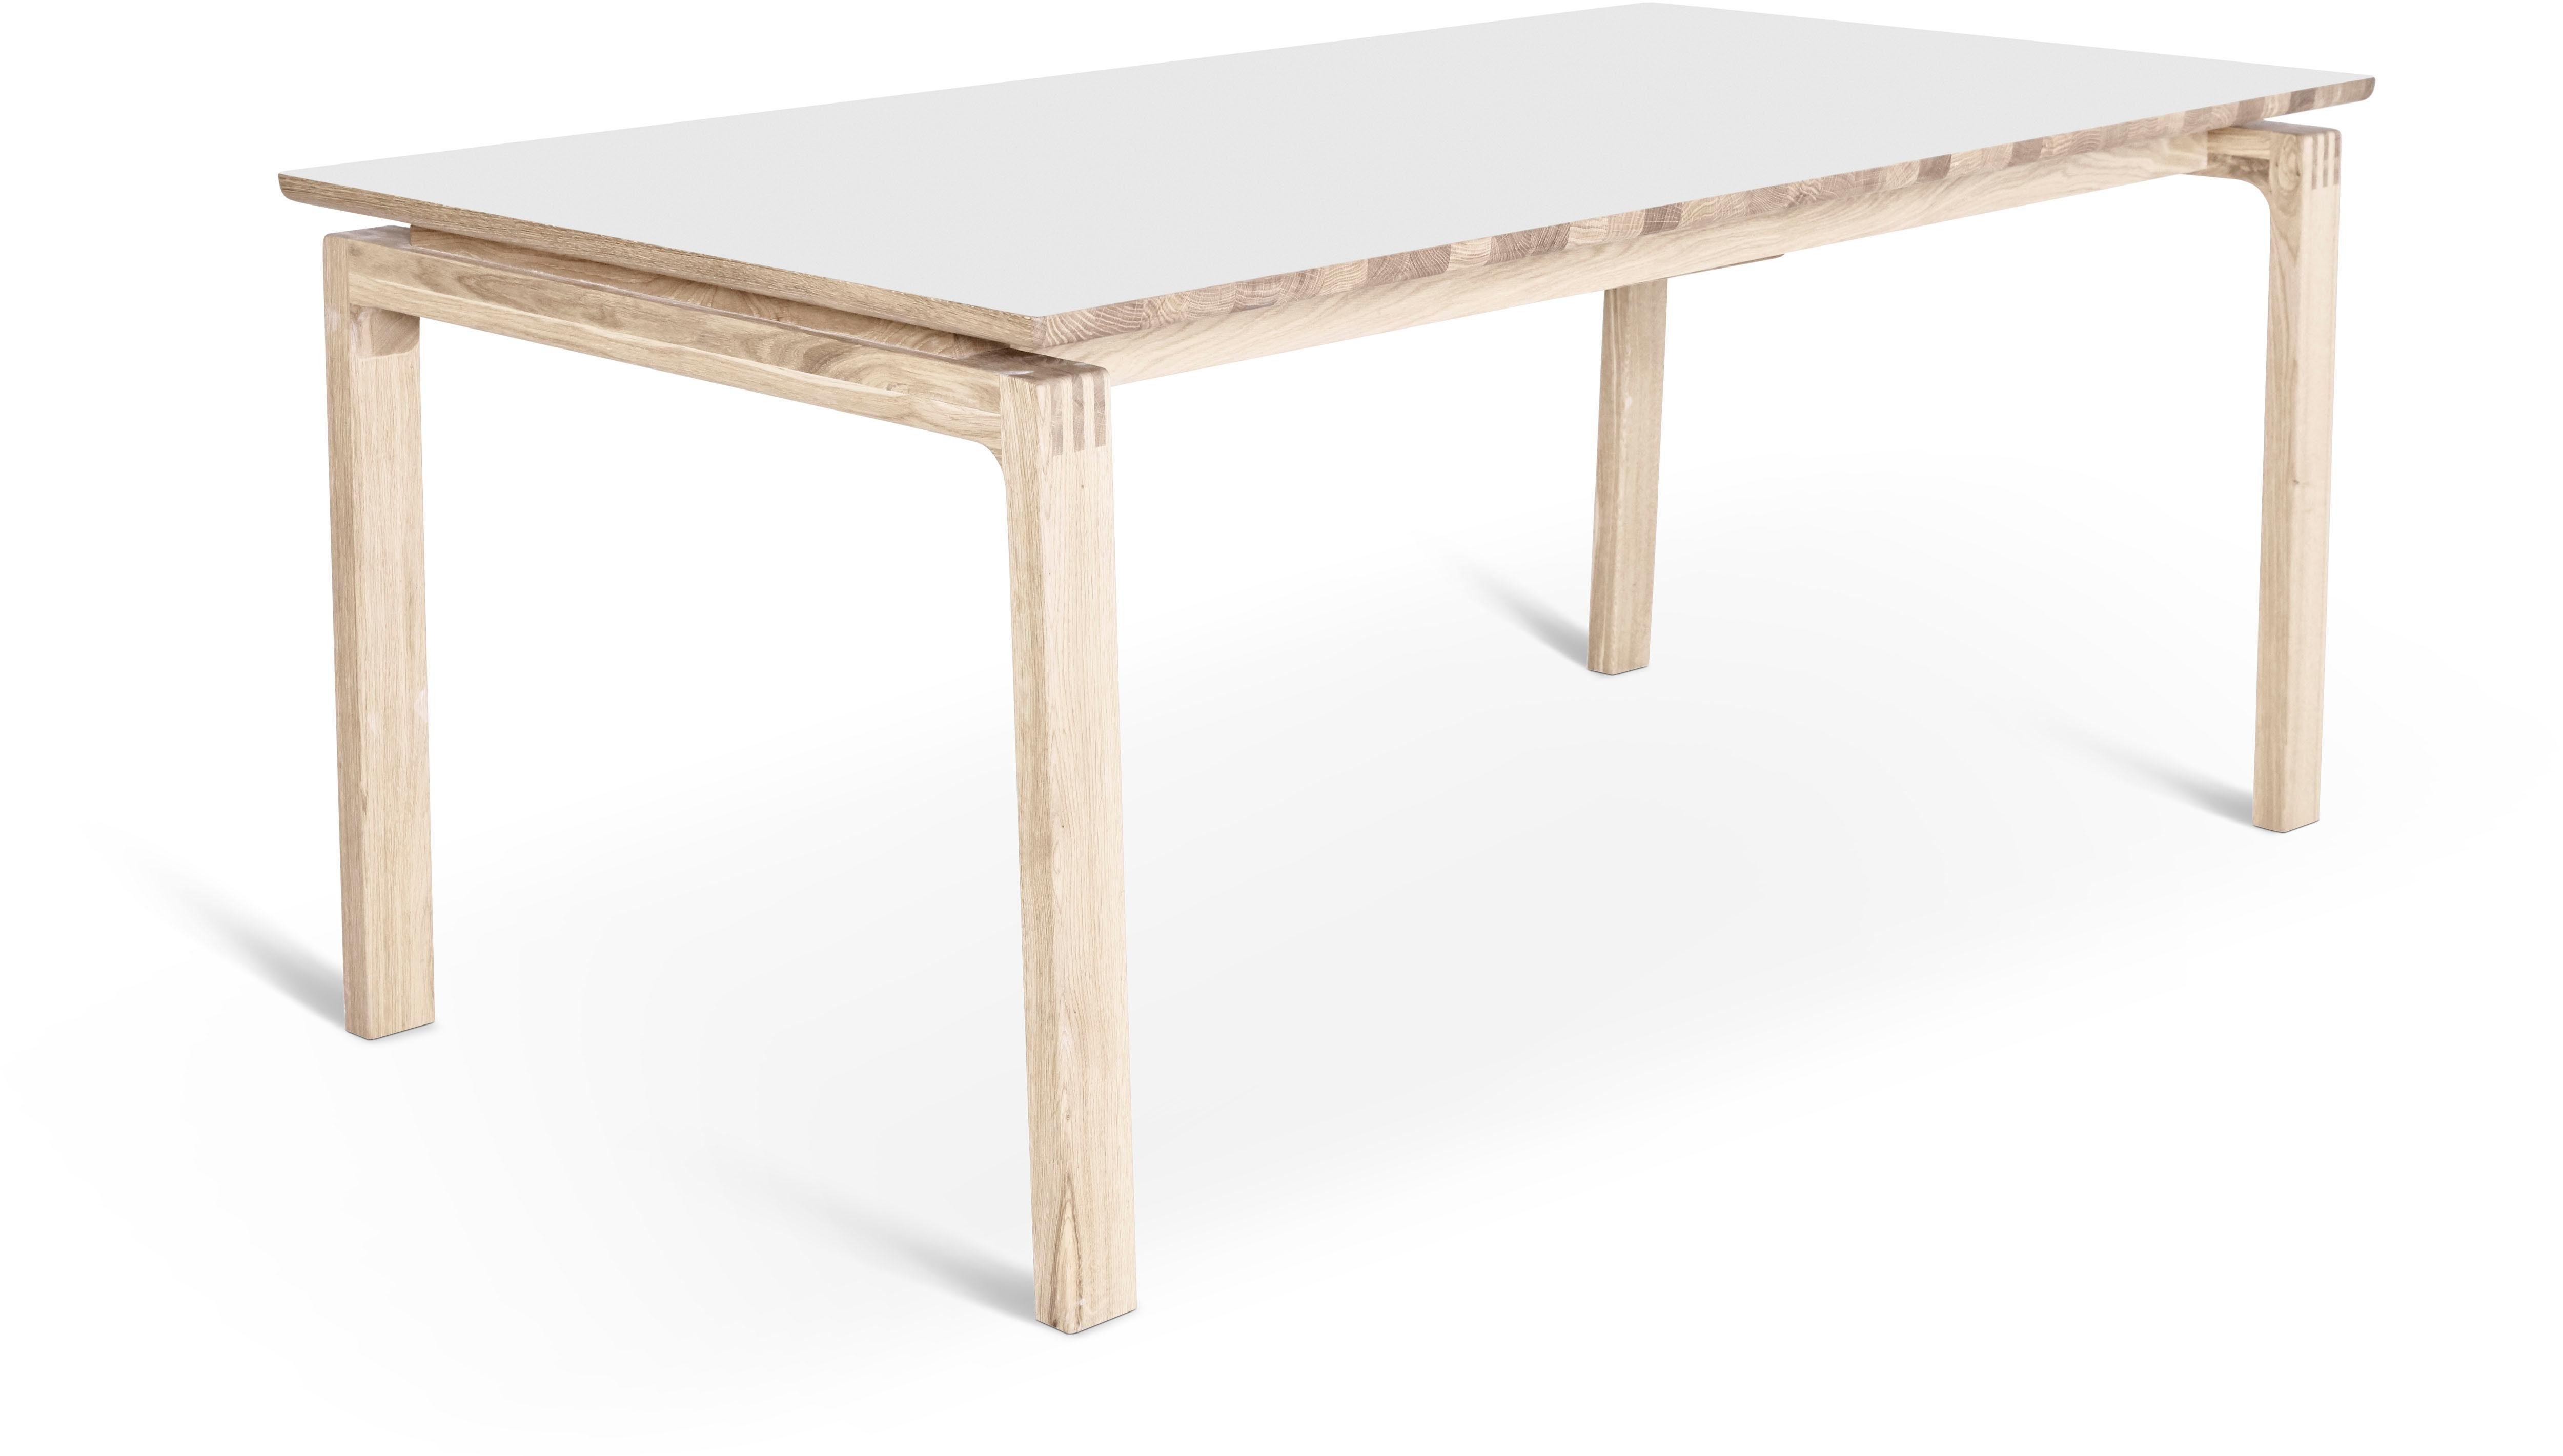 PBJ Esstisch Joint 175 beige Ausziehbare Esstische Tische